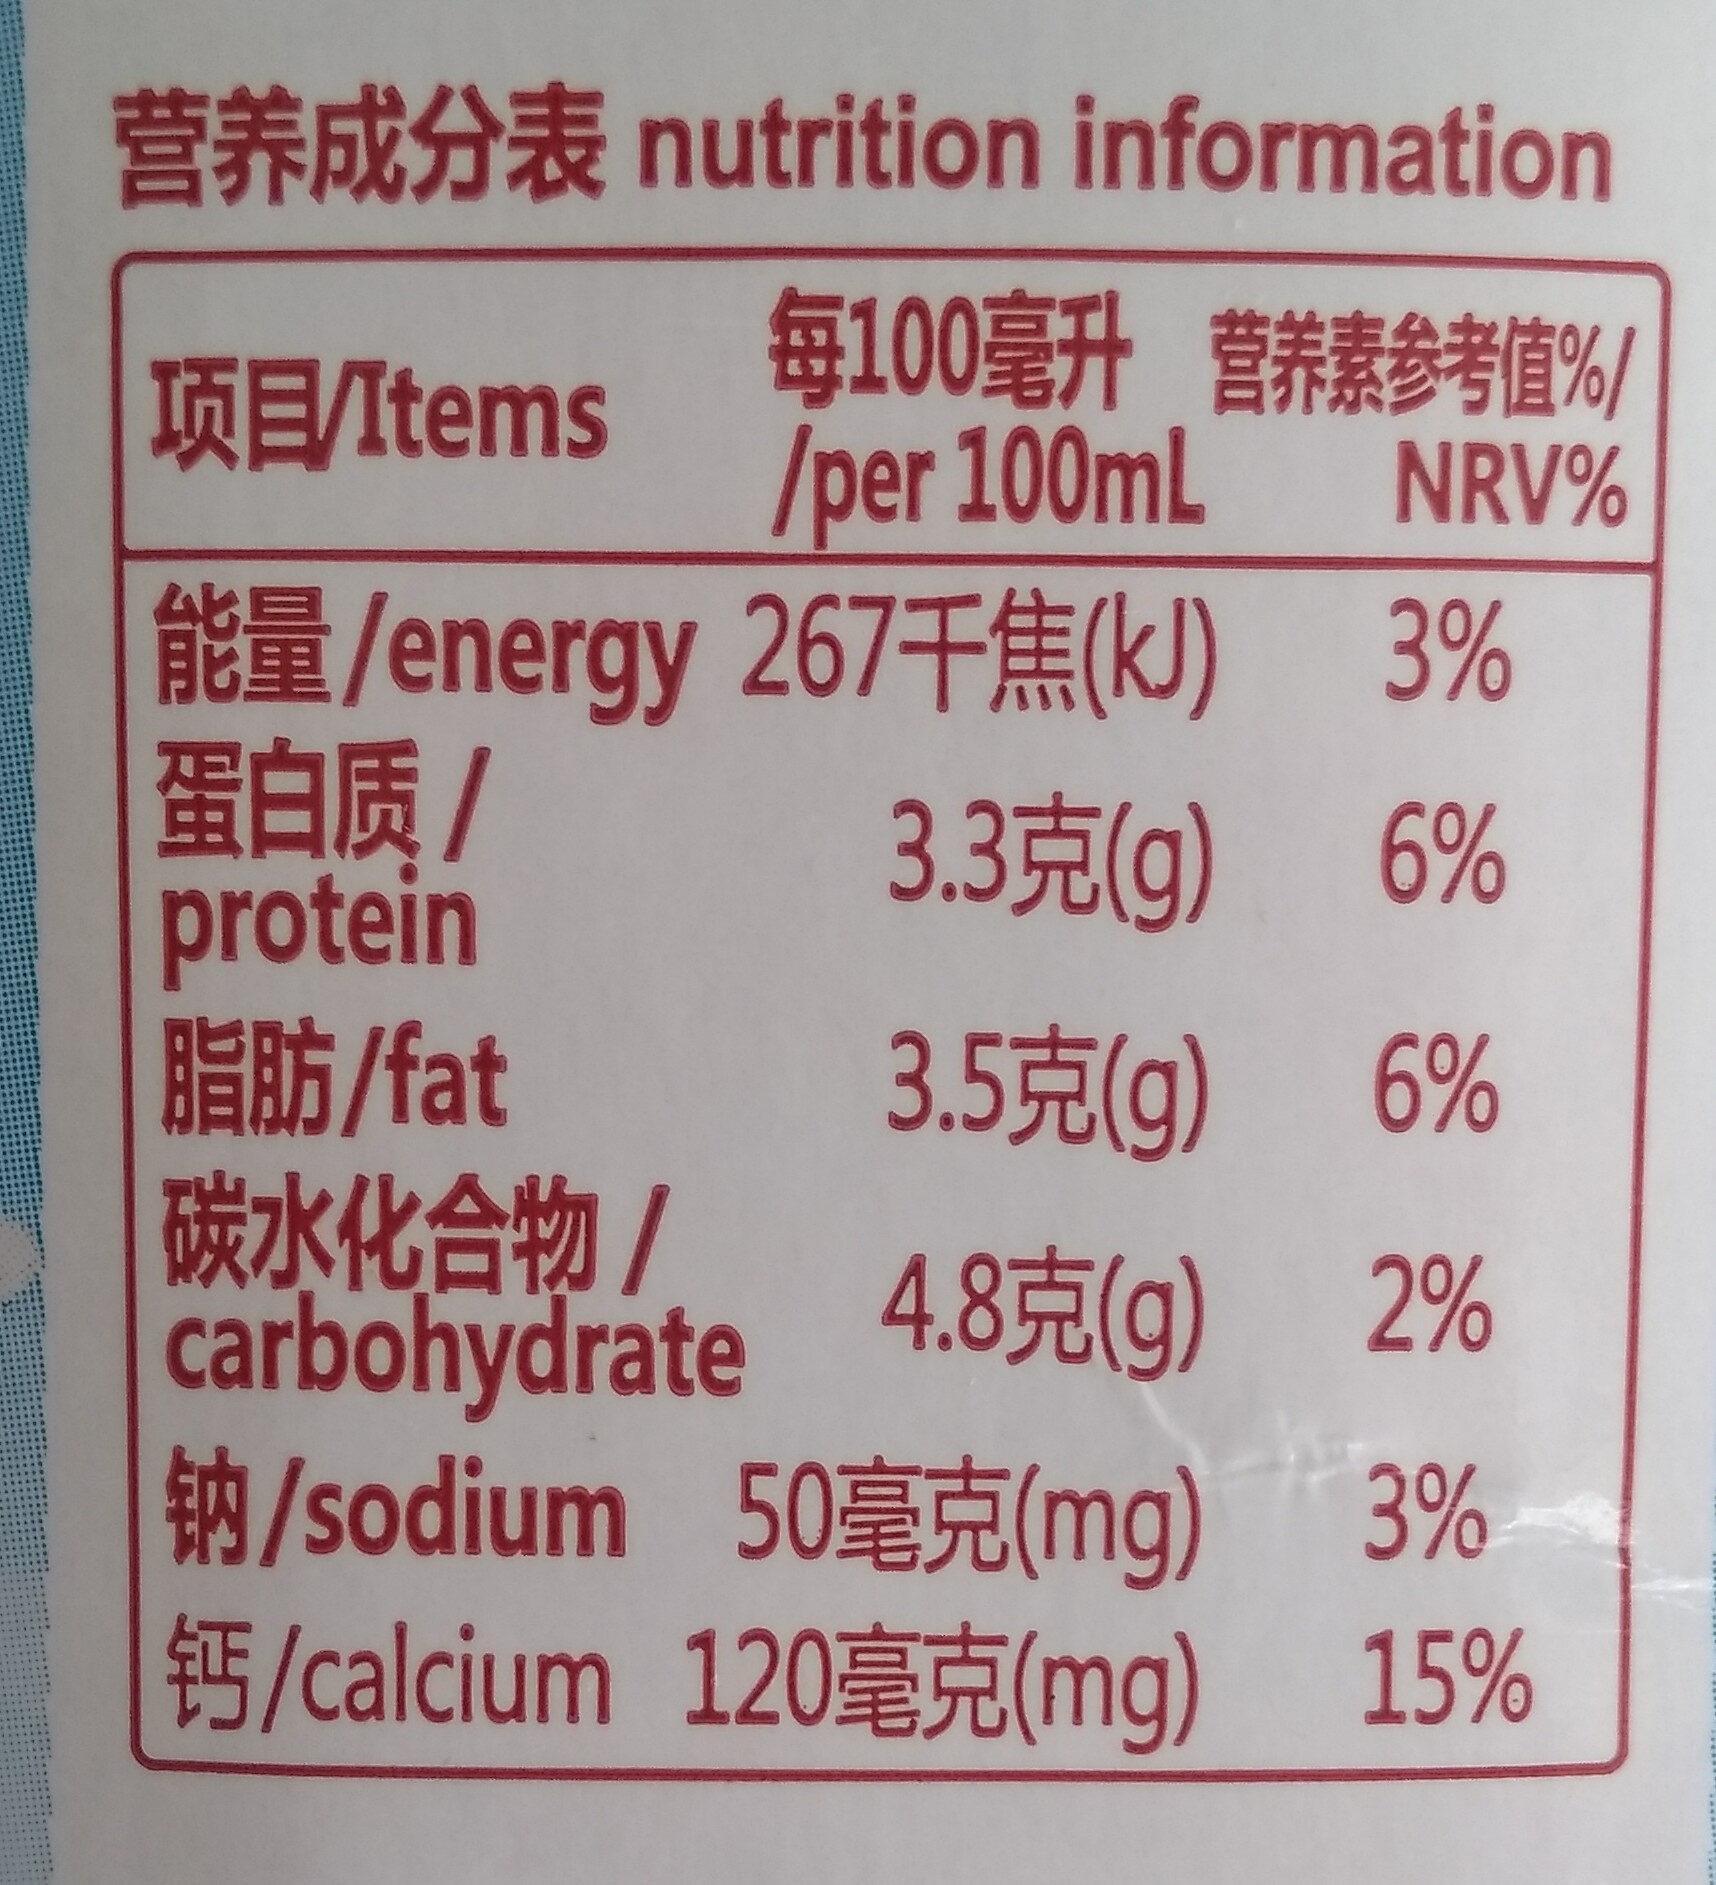 纯牛奶 - 营养成分 - zh